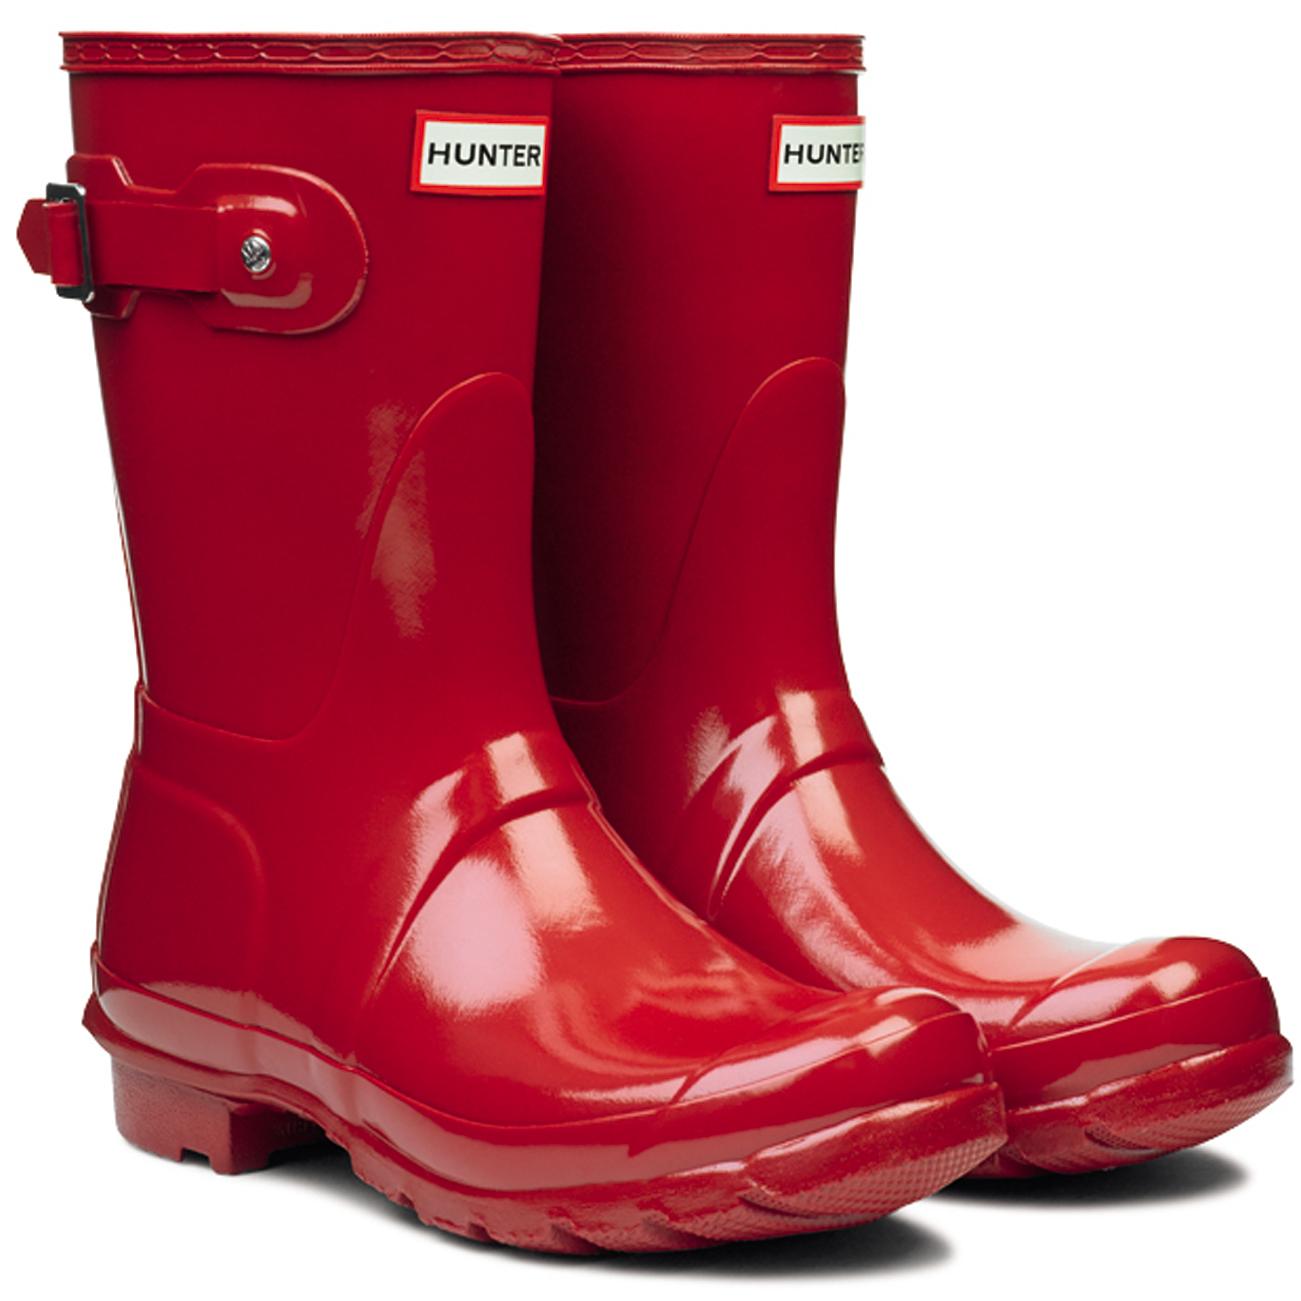 Damenschuhe Hunter Original Rain Short Gloss Winter Festival Rain Original Wellington Stiefel UK 3-9 6d9d8d